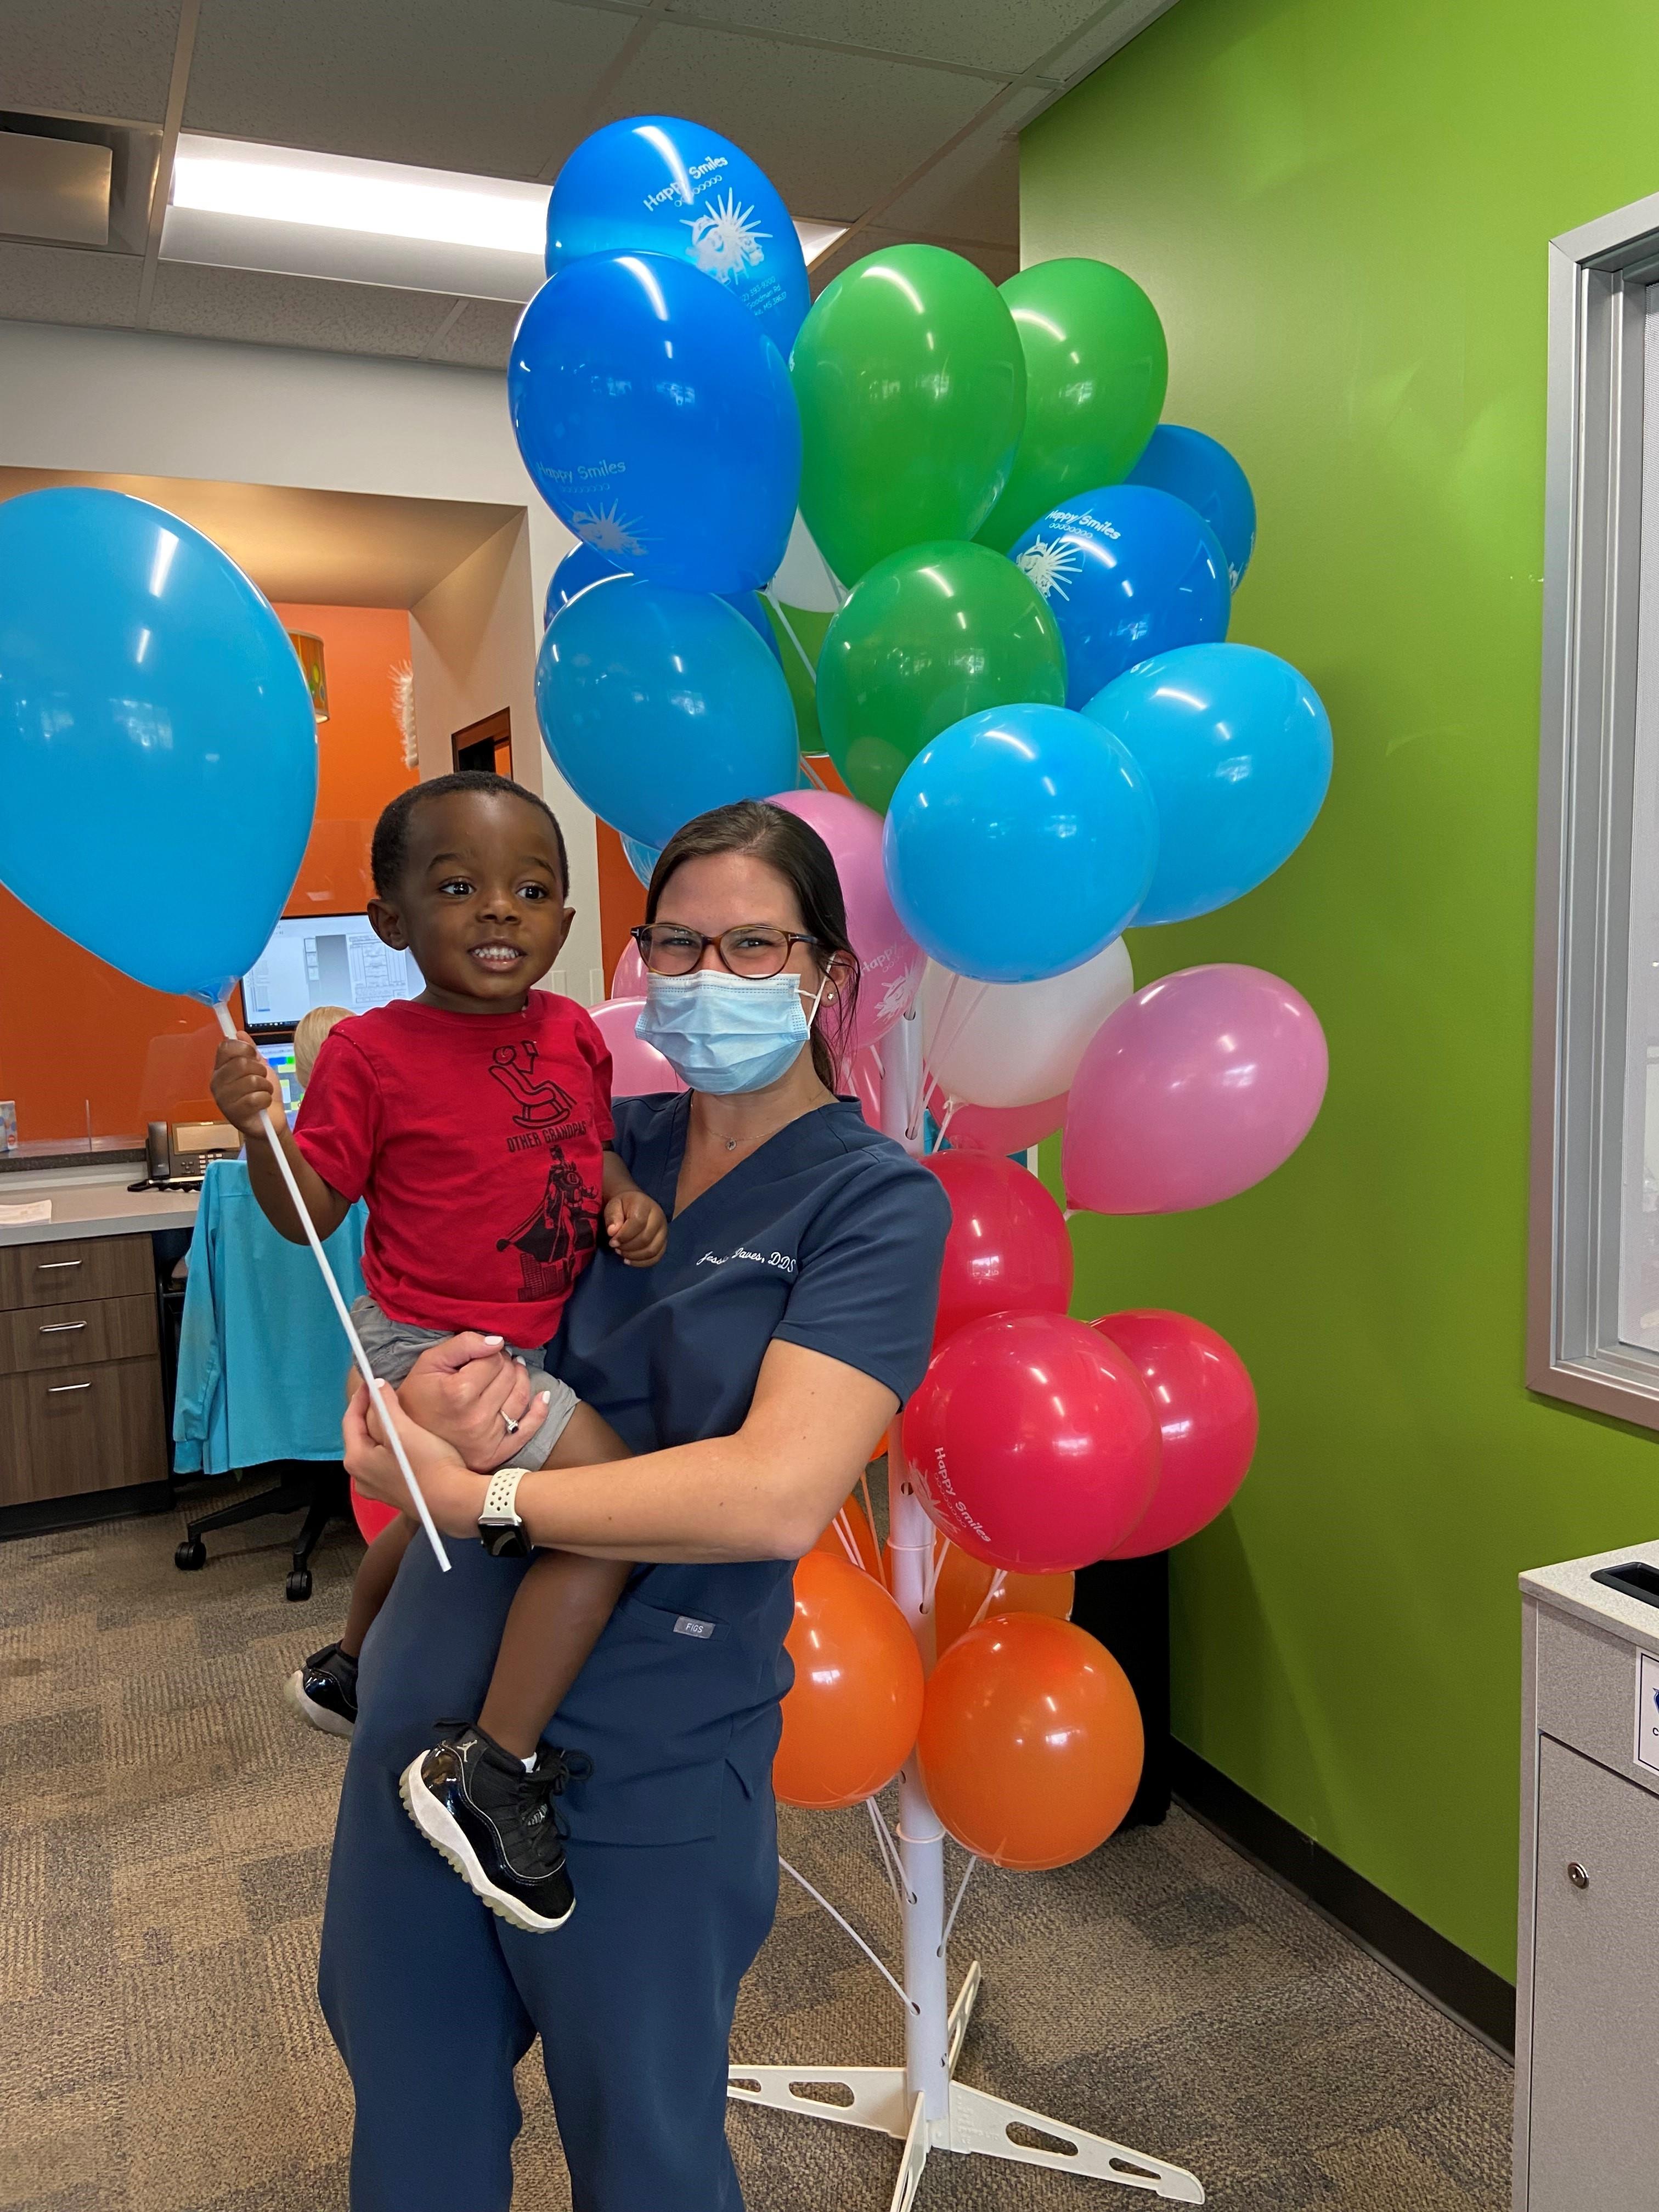 Dr. Daves, Kids Dentist in Horn Lake, MS